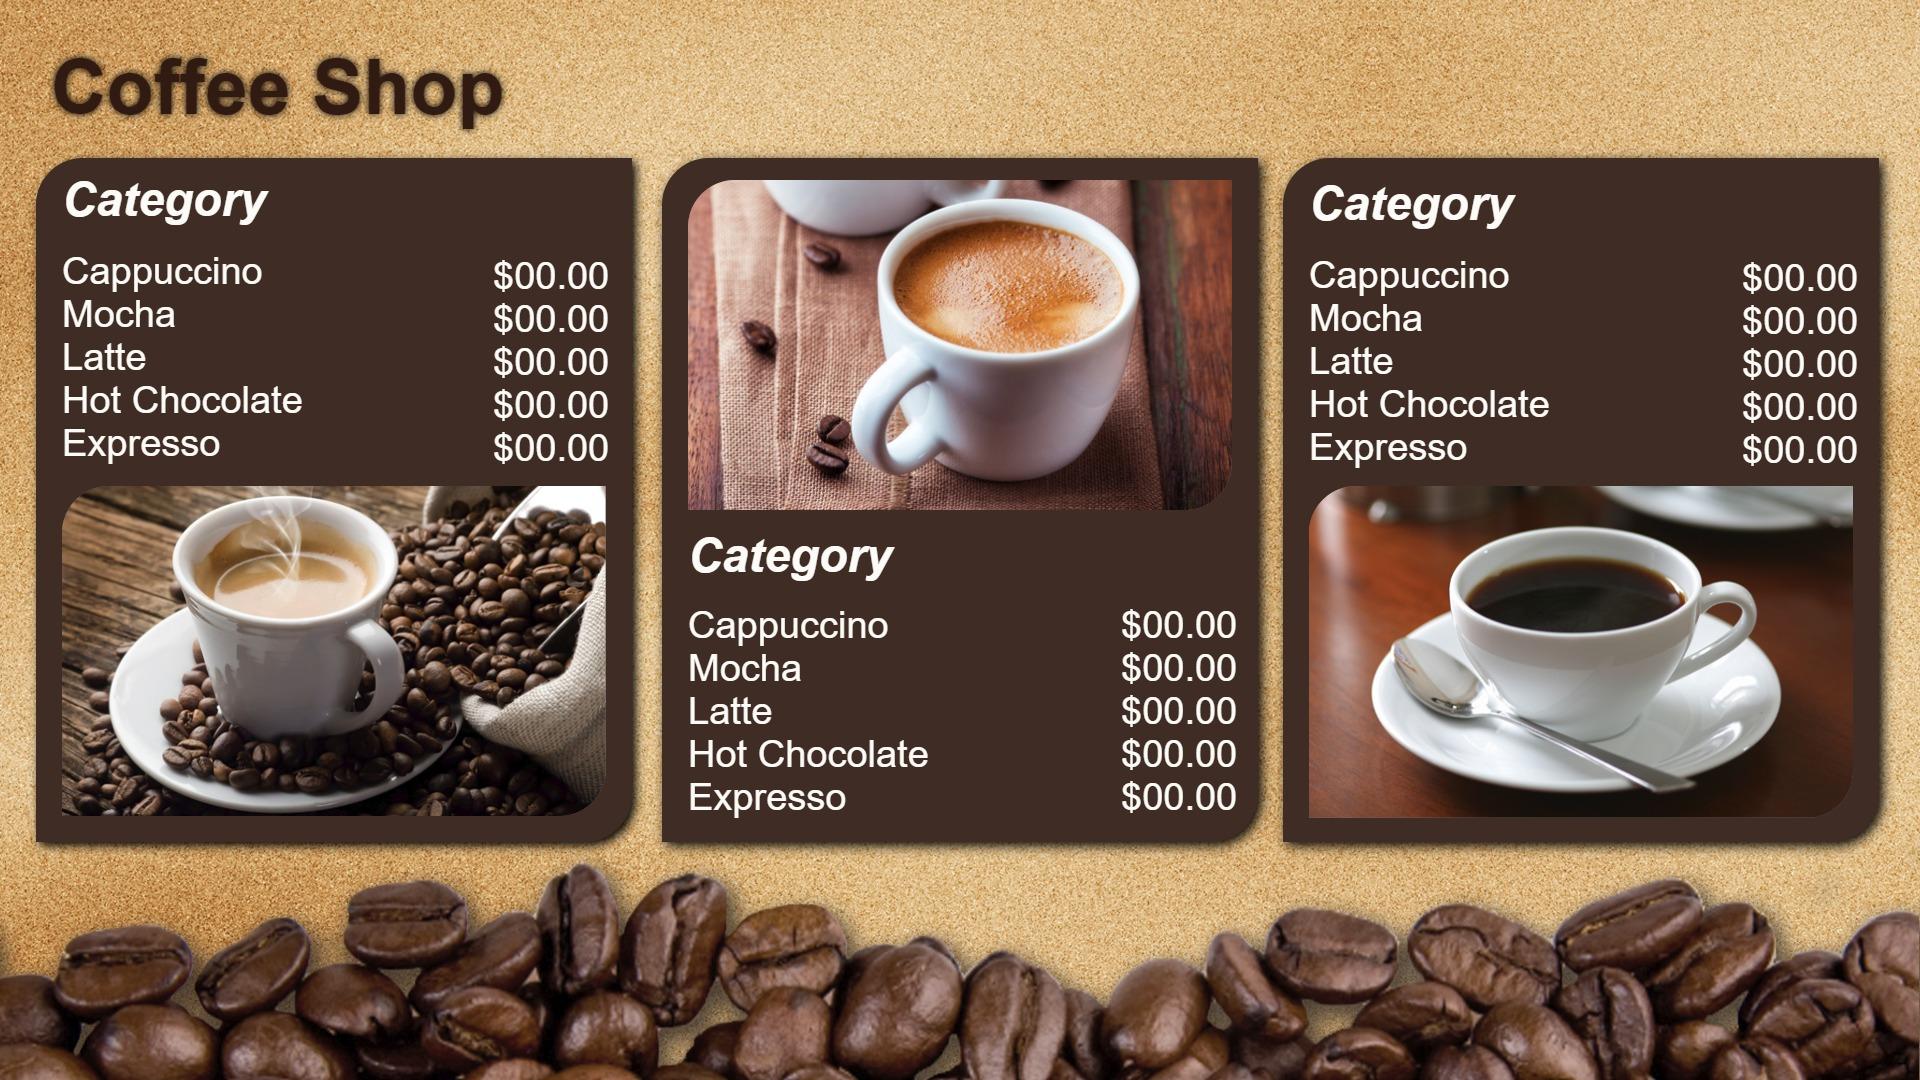 никто кофейное меню картинки огуречника можно сделать